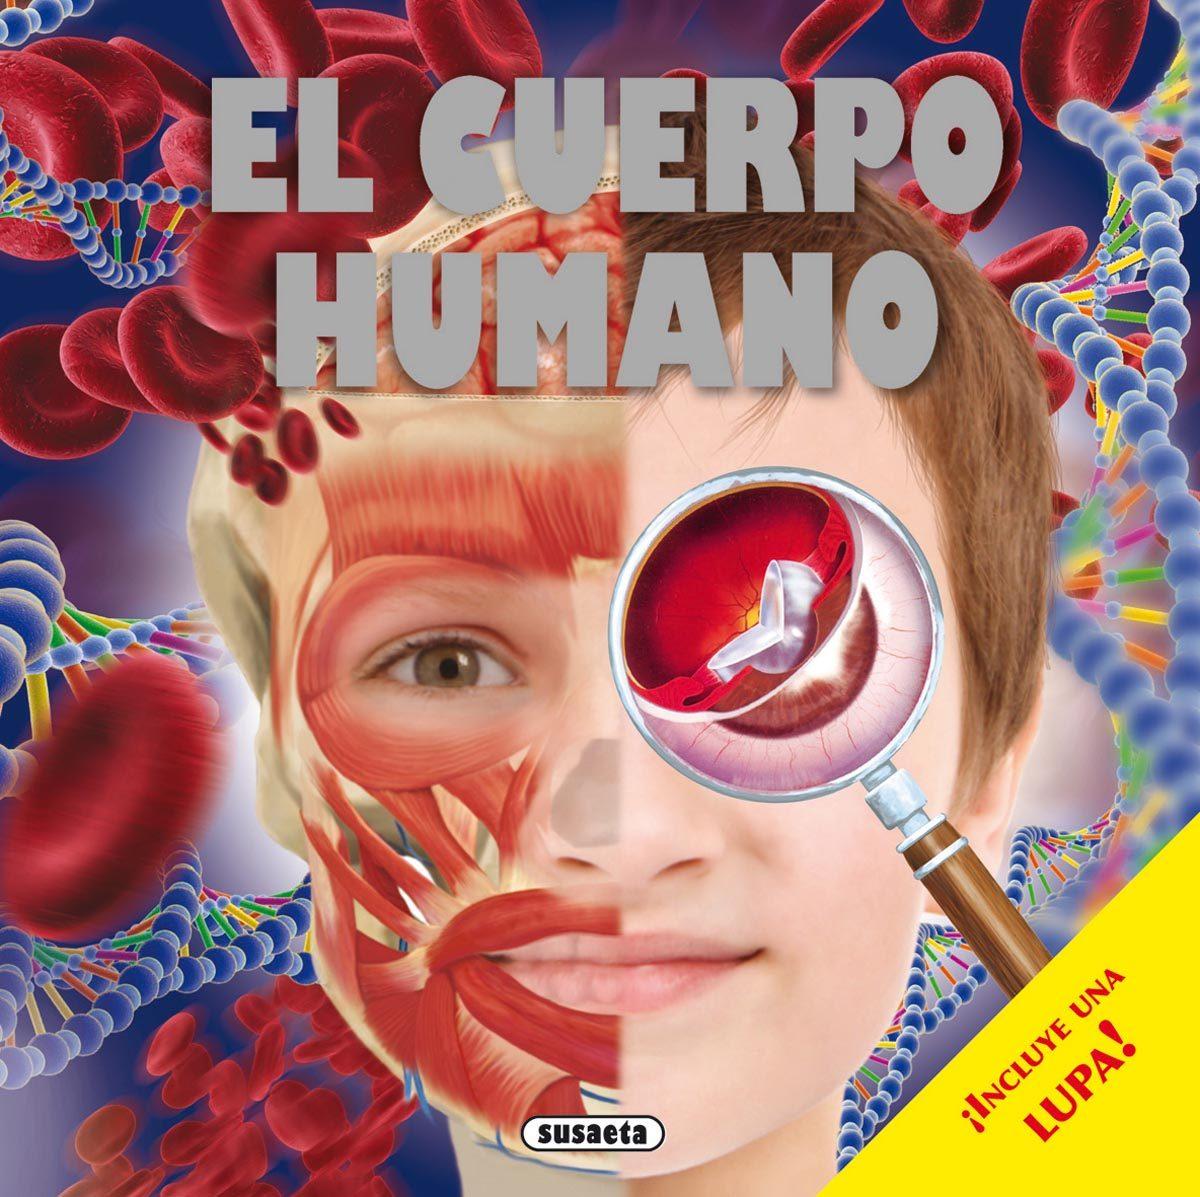 El Cuerpo Humano por Vv.aa.